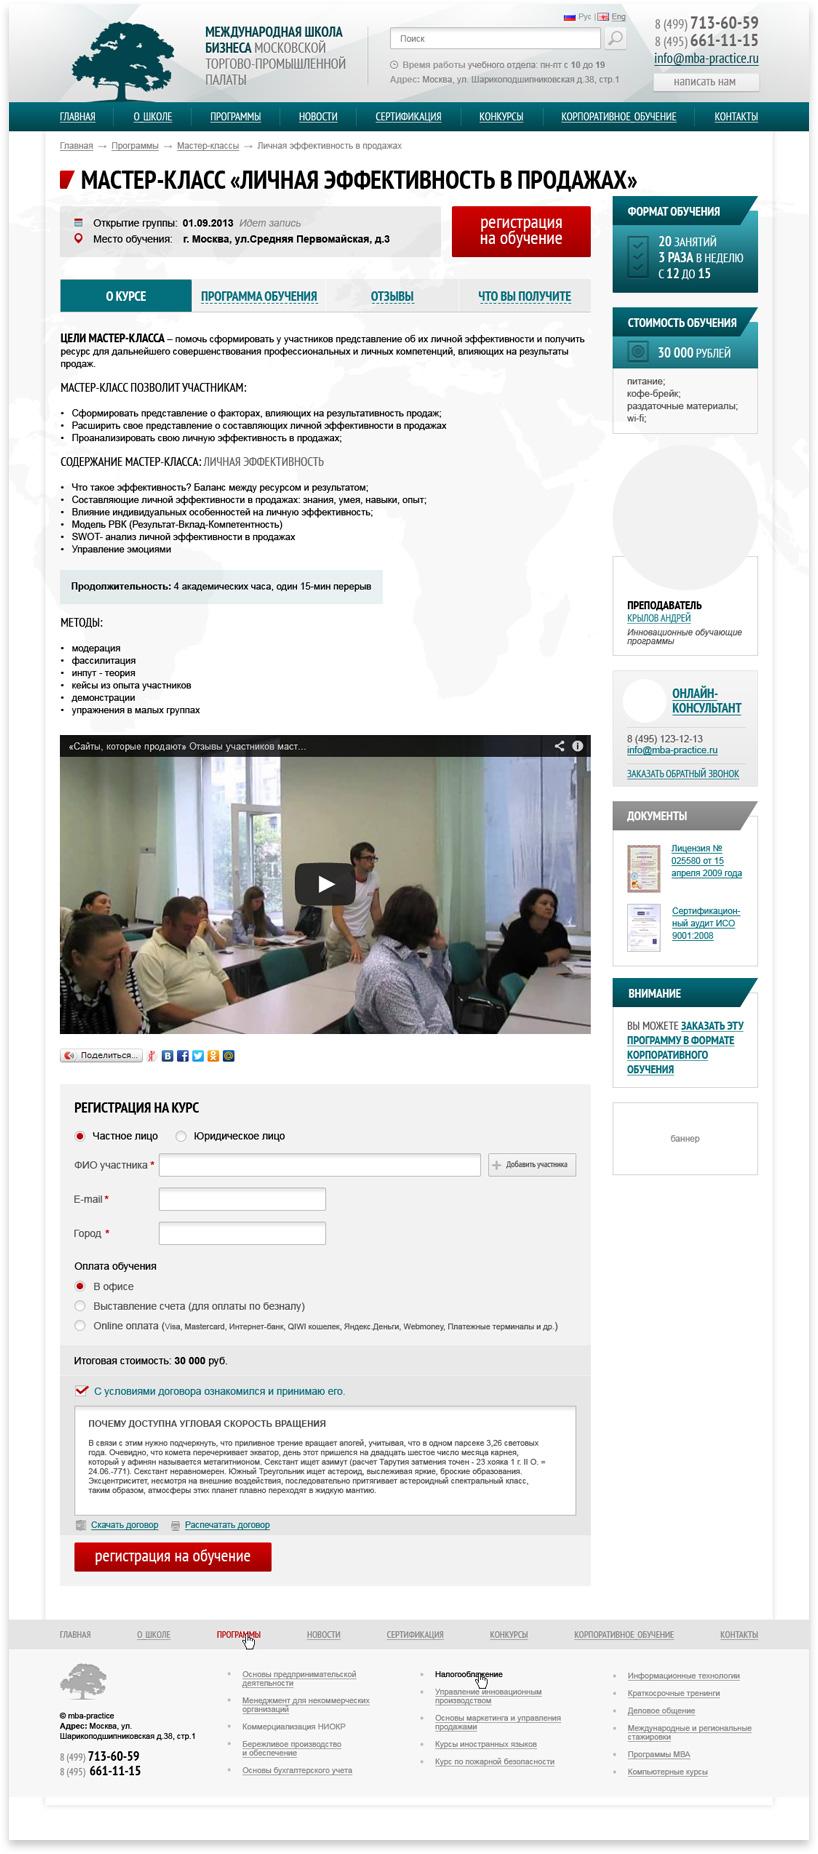 Международная школа бизнеса